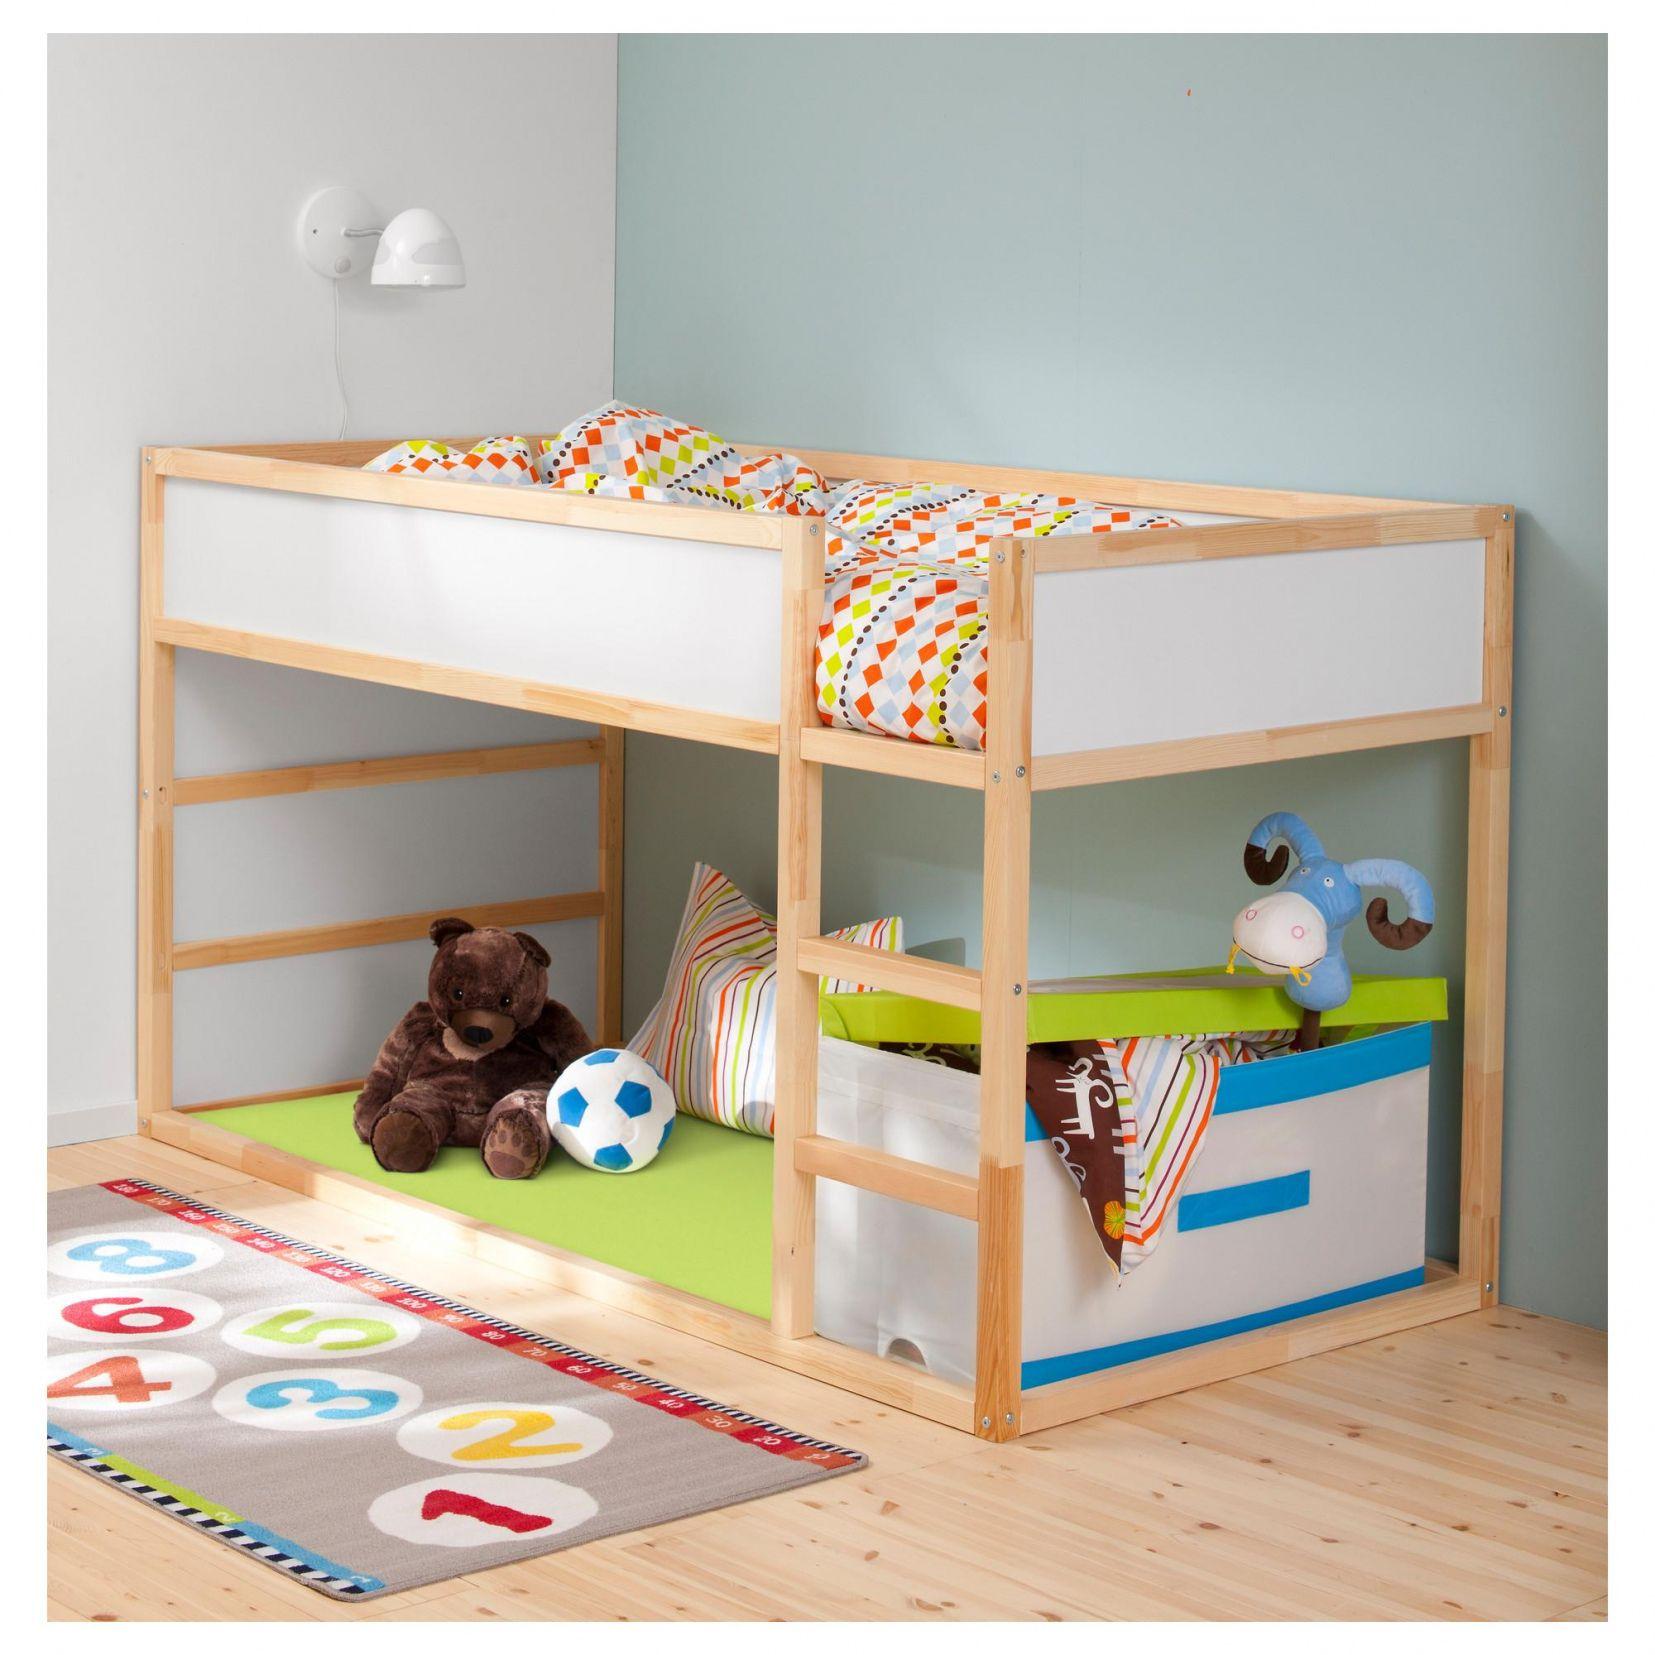 55 Toddler Beds Ikea